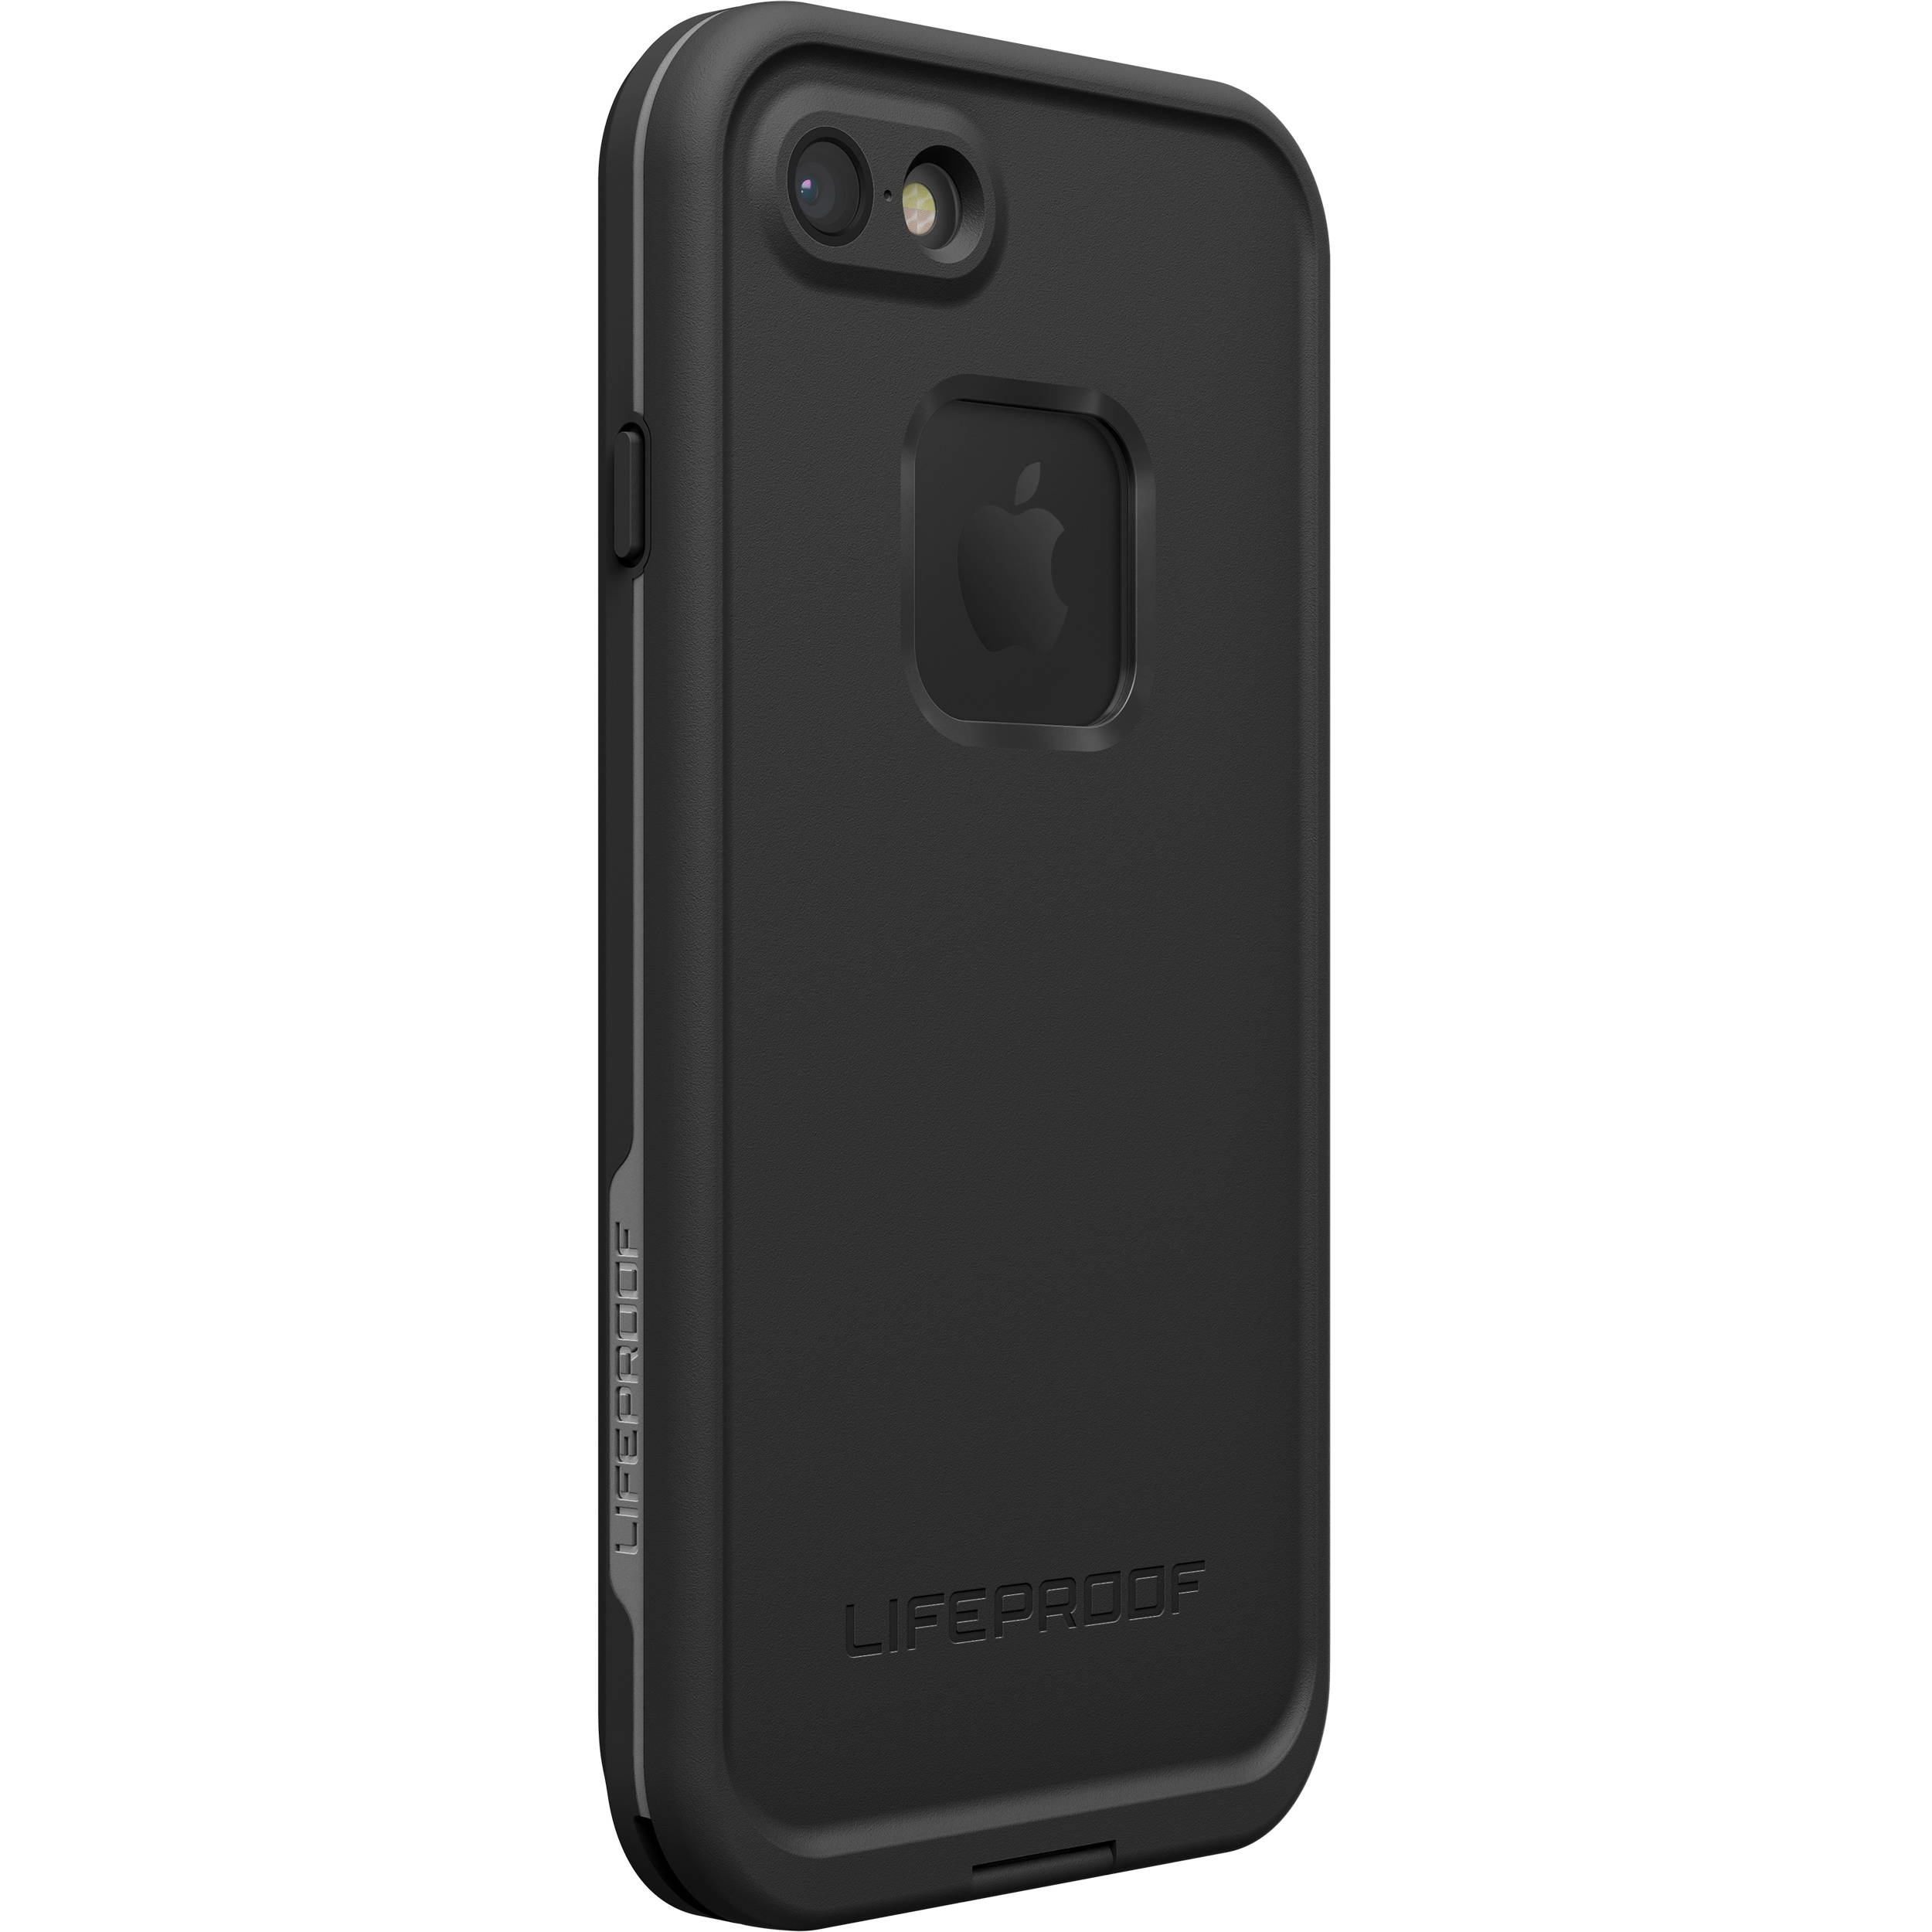 detailed look 448ea 37be4 LifeProof frē Case for iPhone 7 (Asphalt Black)